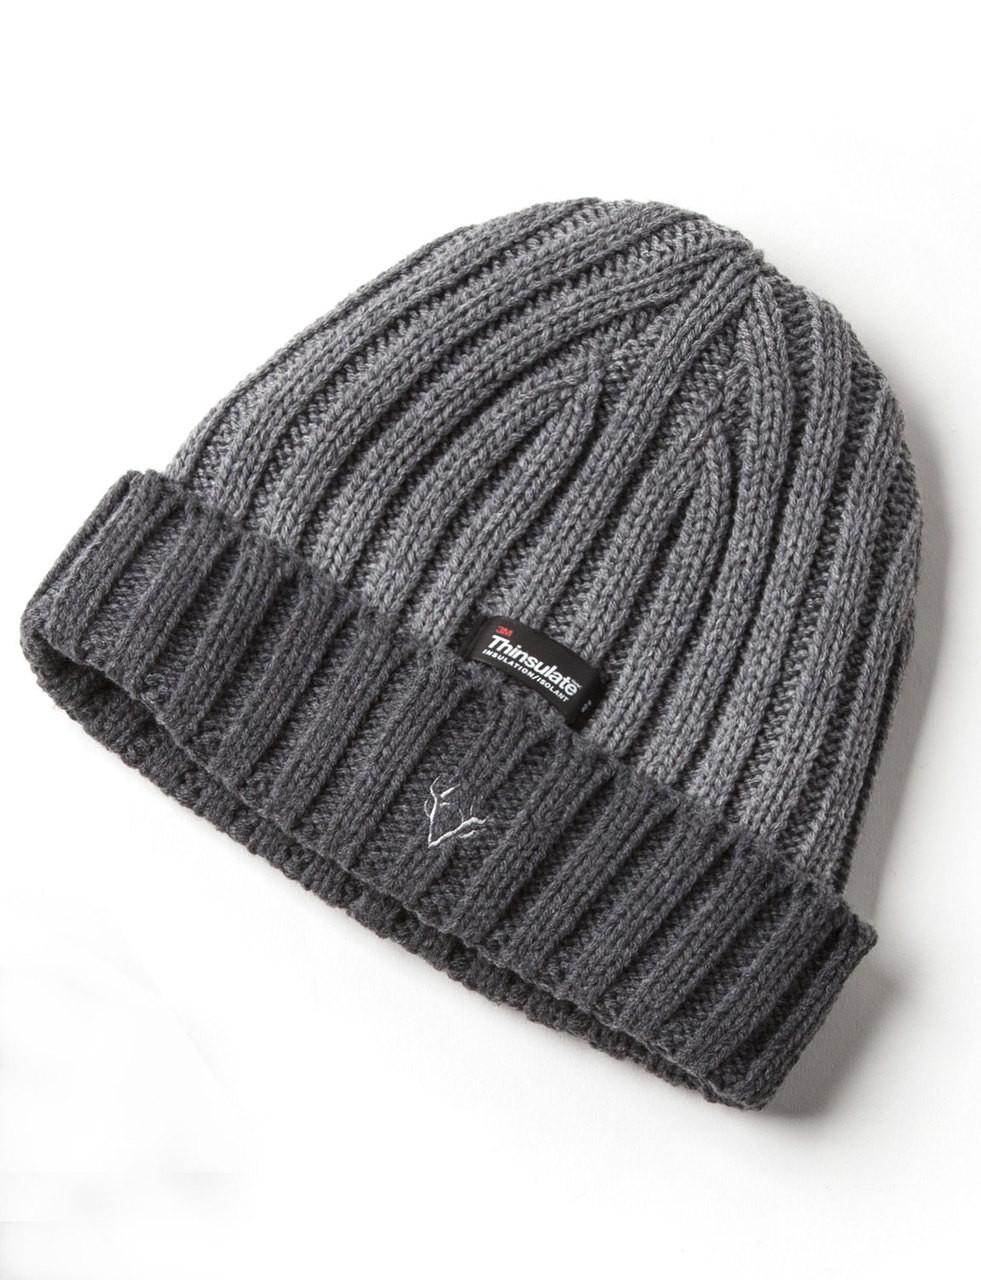 Mens Thinsulate Hat d865d253d5e